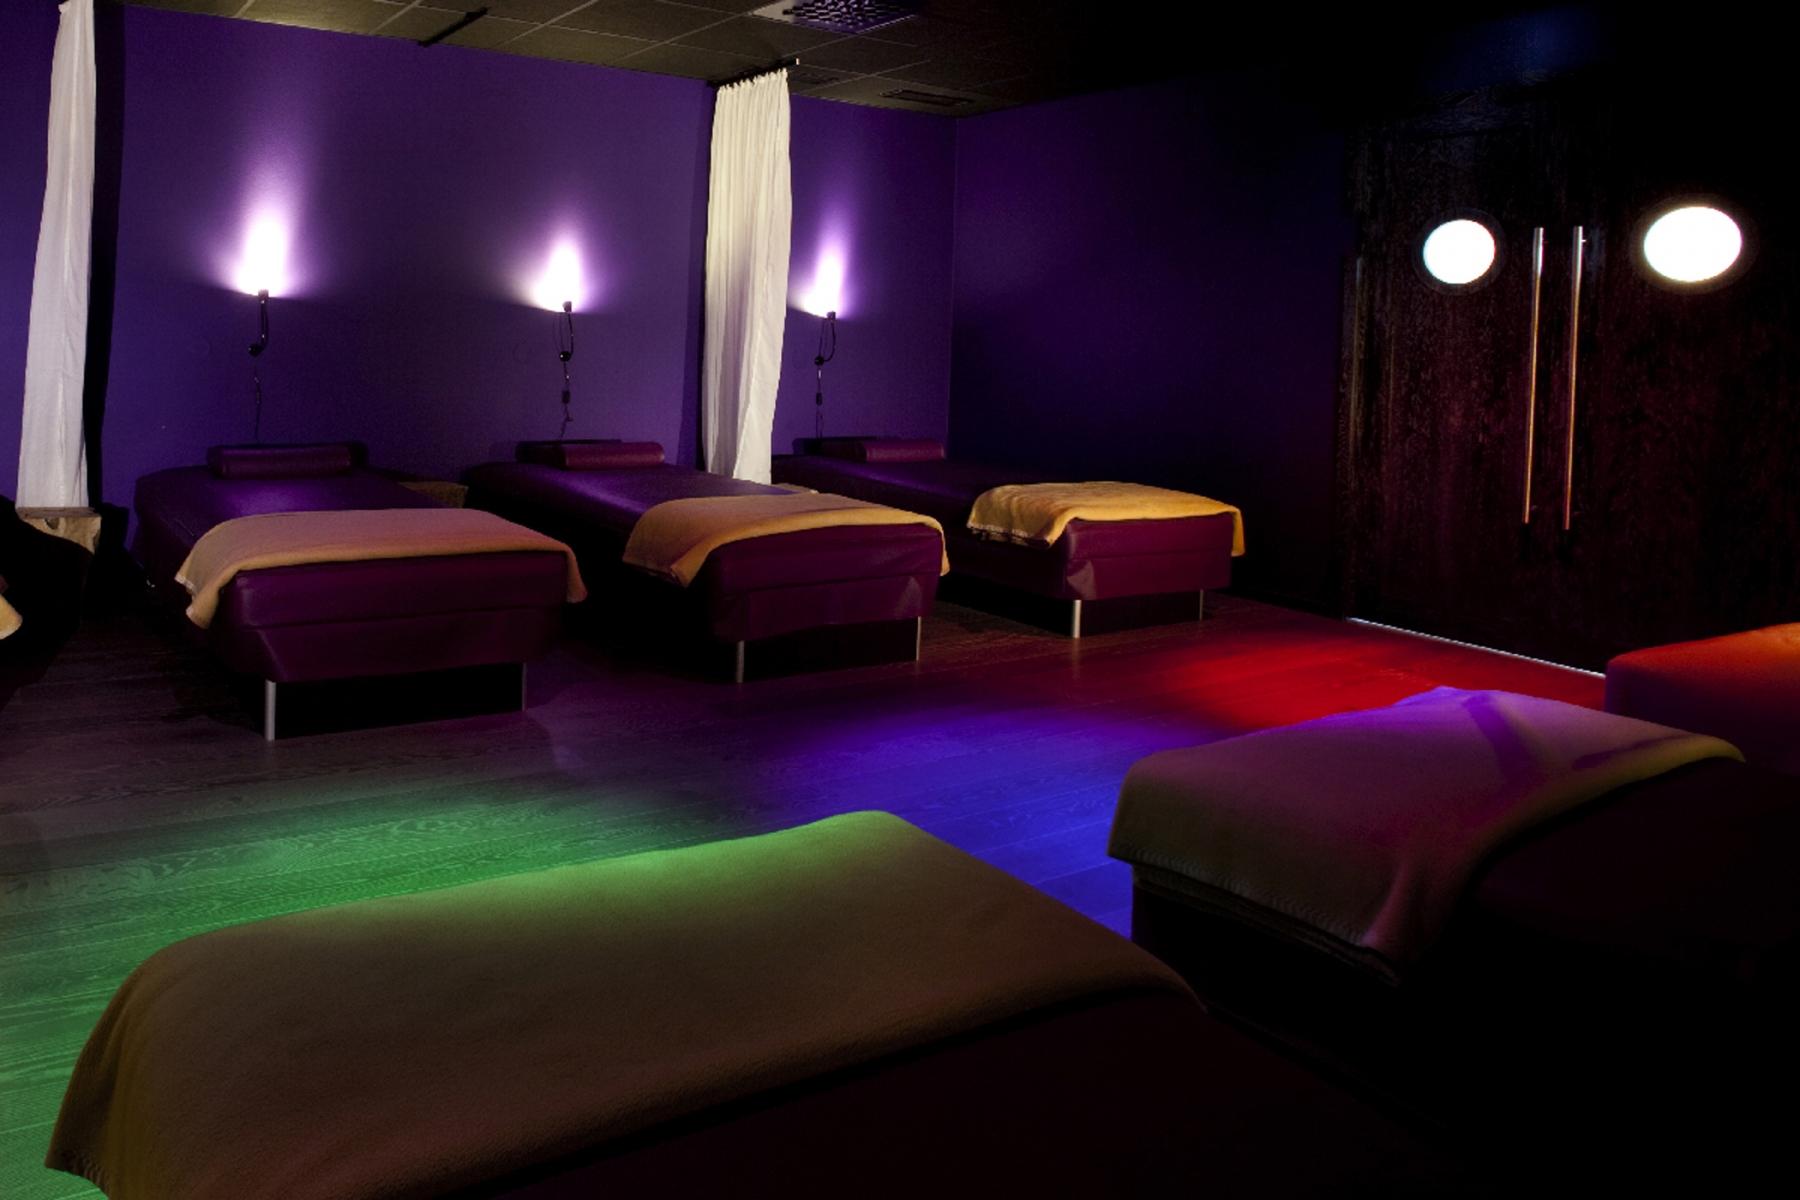 bedste thai massage københavn dk escort